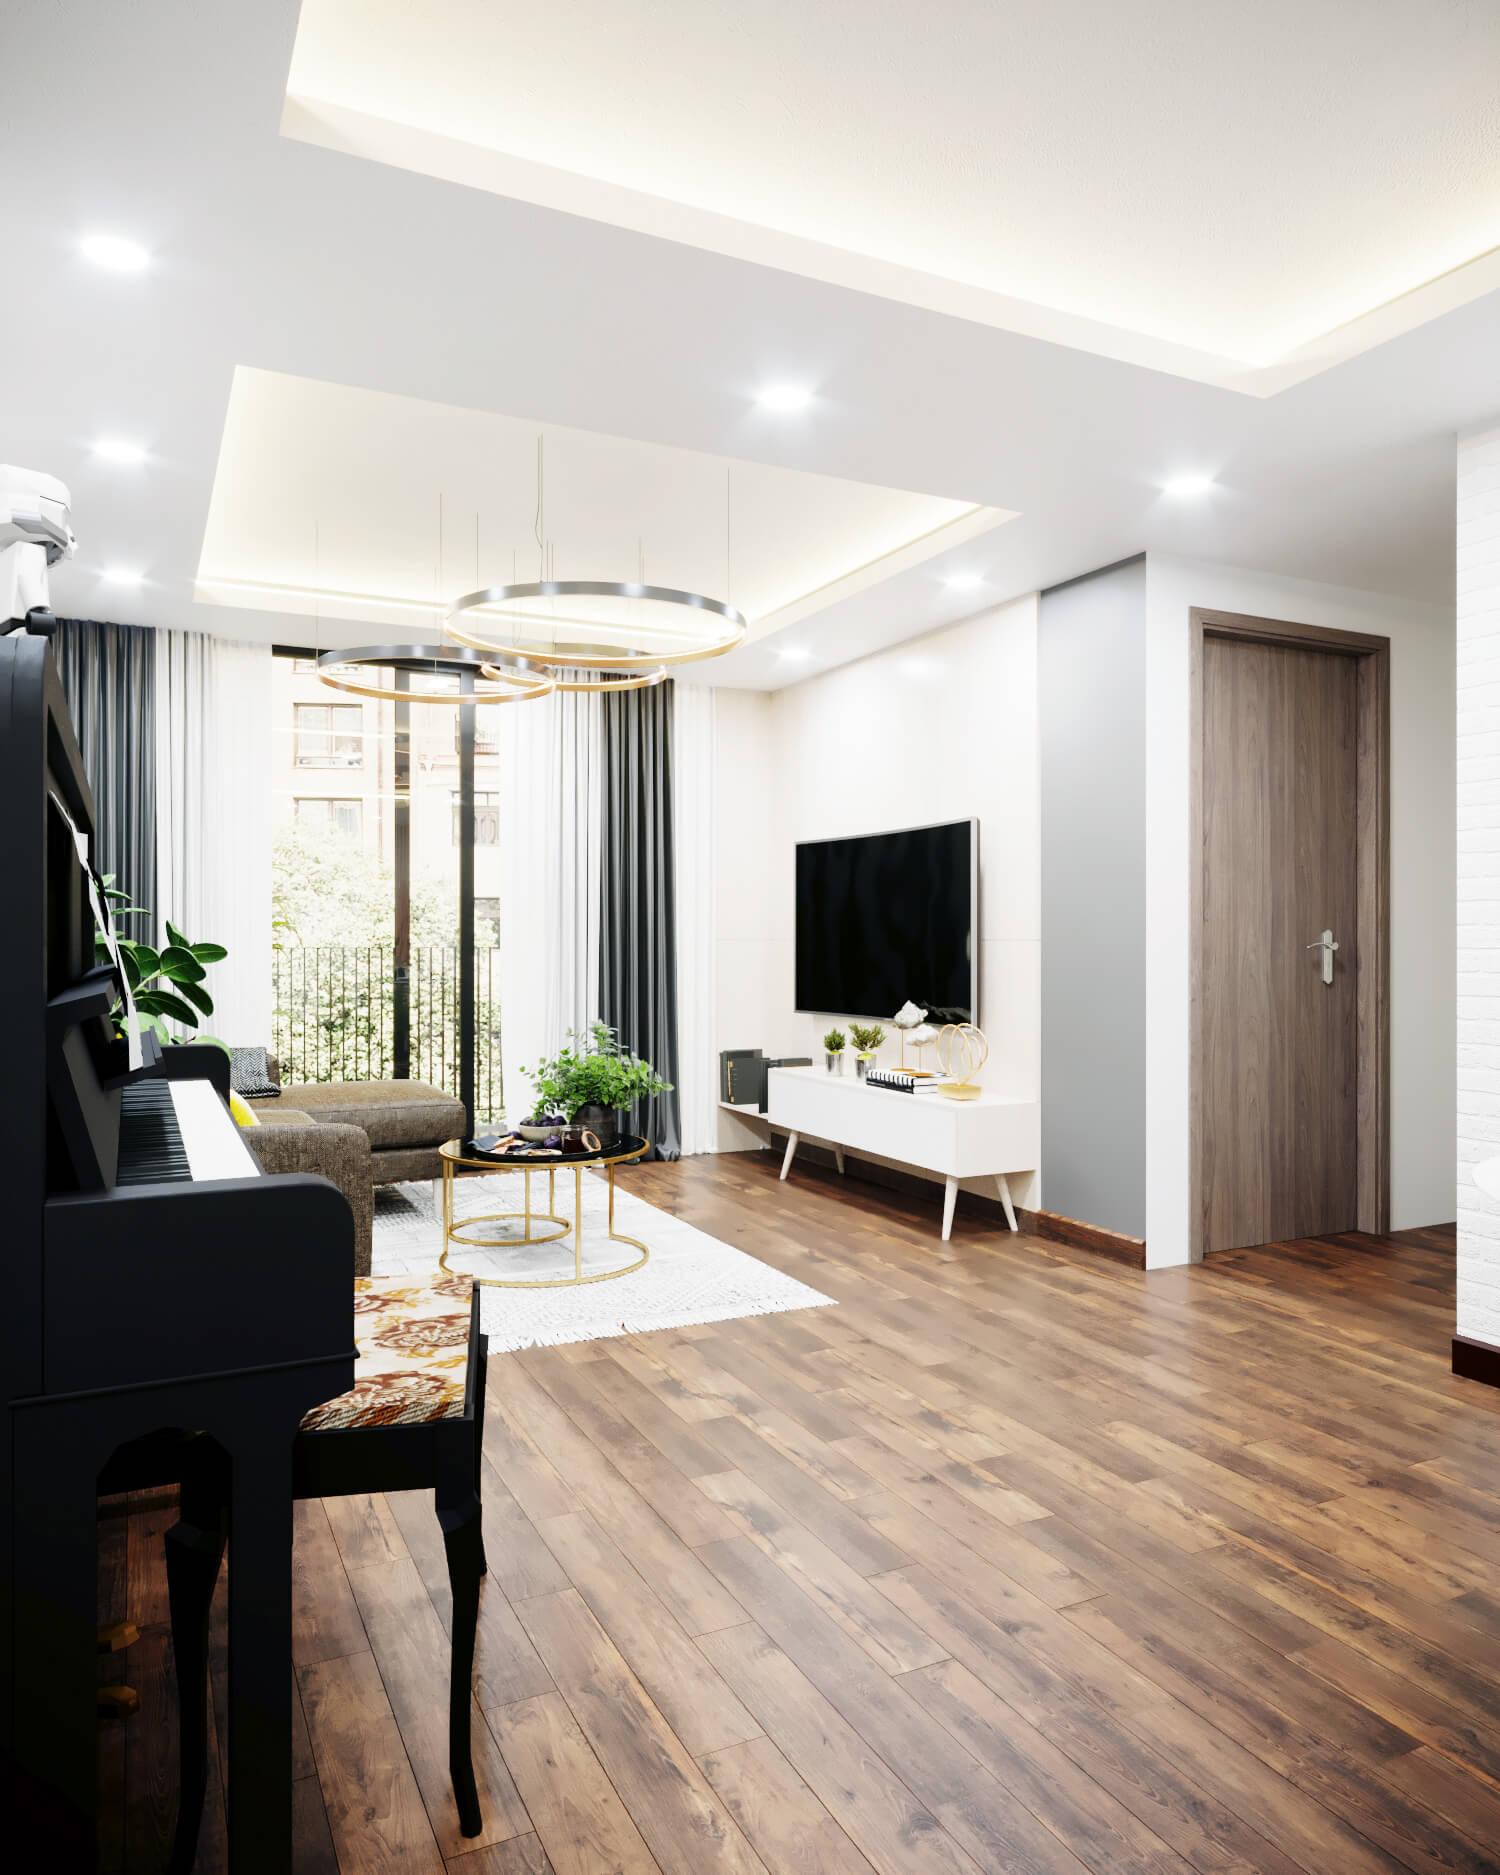 Mẹo nhỏ cho thiết kế nội thất chung cư 45m2 khoa học, bắt kịp xu thế